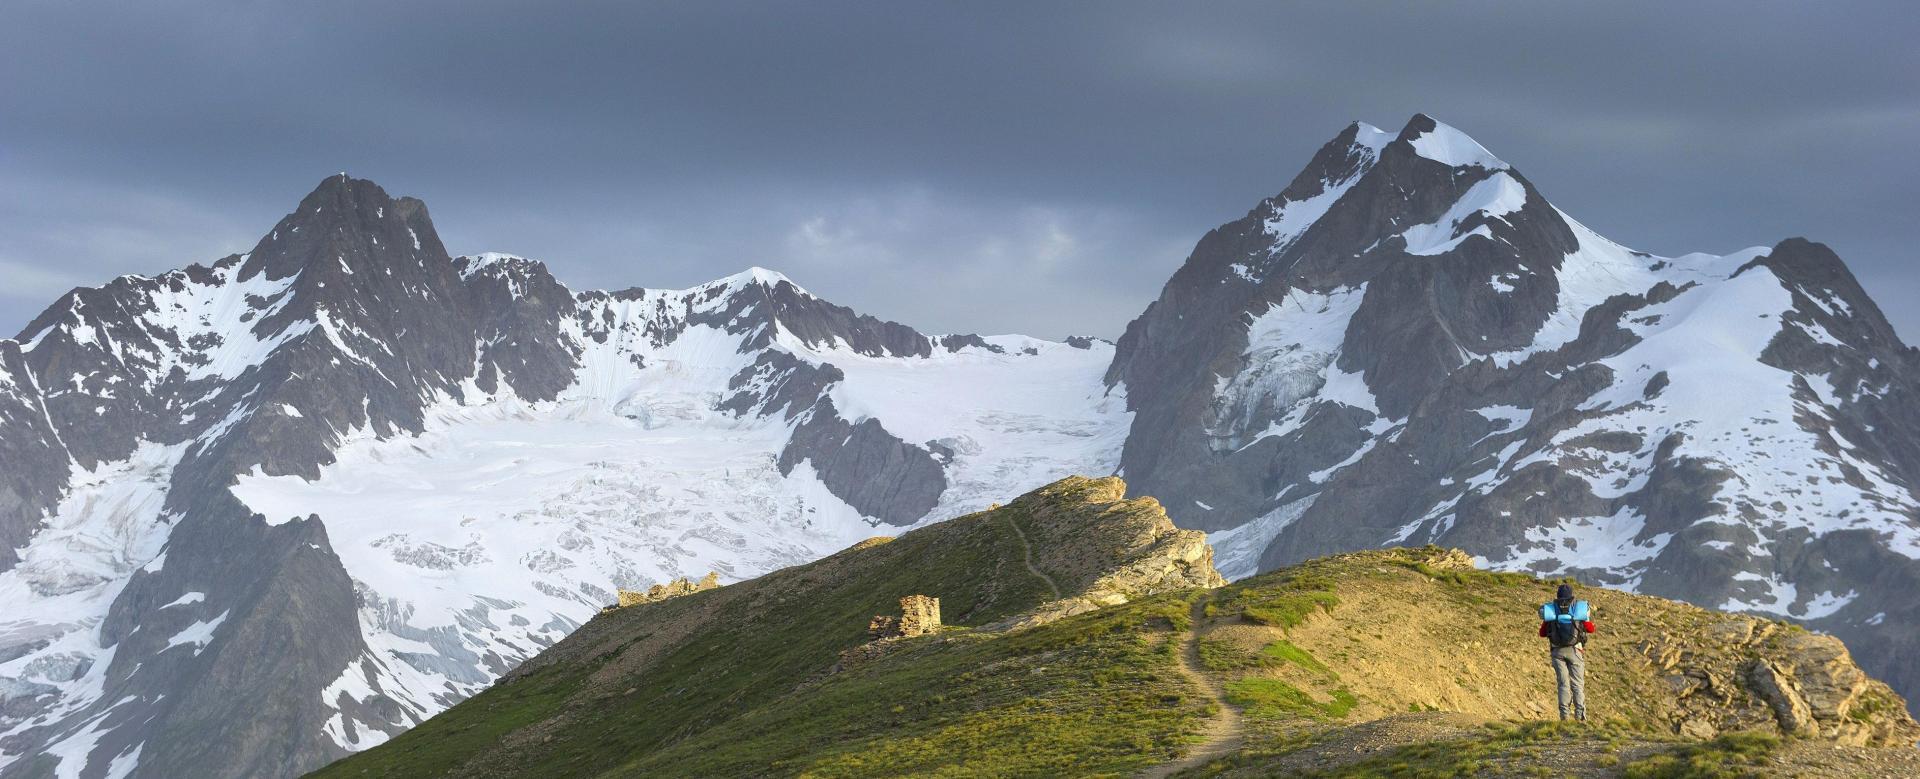 Voyage à pied : Tour du mont-blanc d'altitude